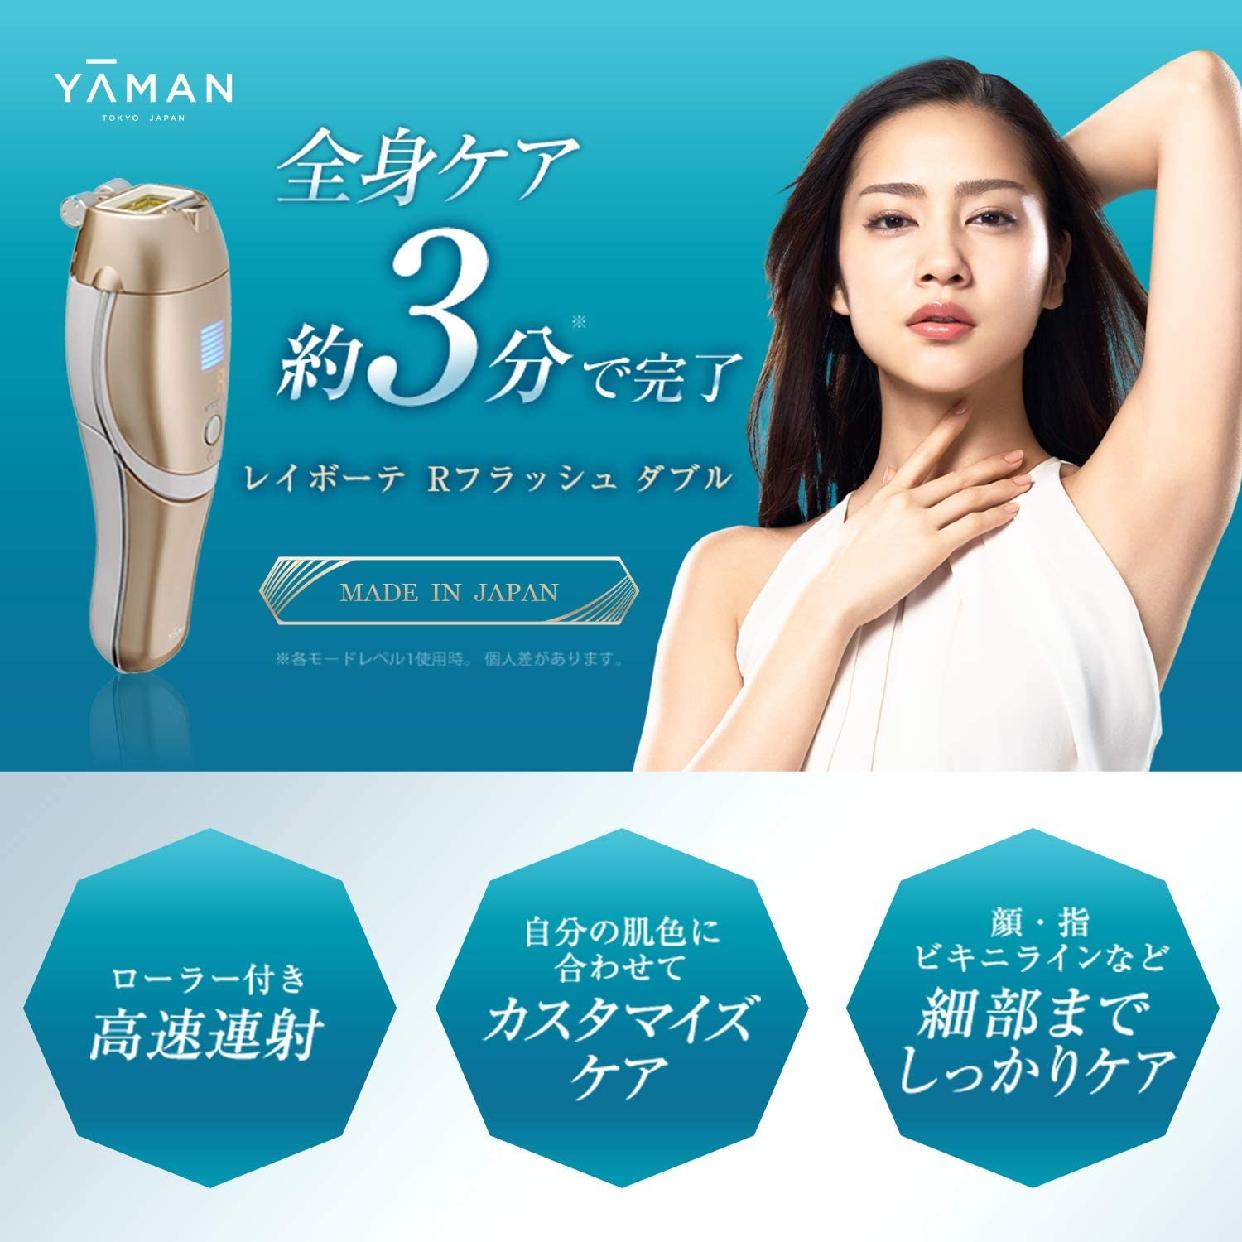 YA-MAN(ヤーマン) レイボーテ Rフラッシュ ダブルの商品画像2